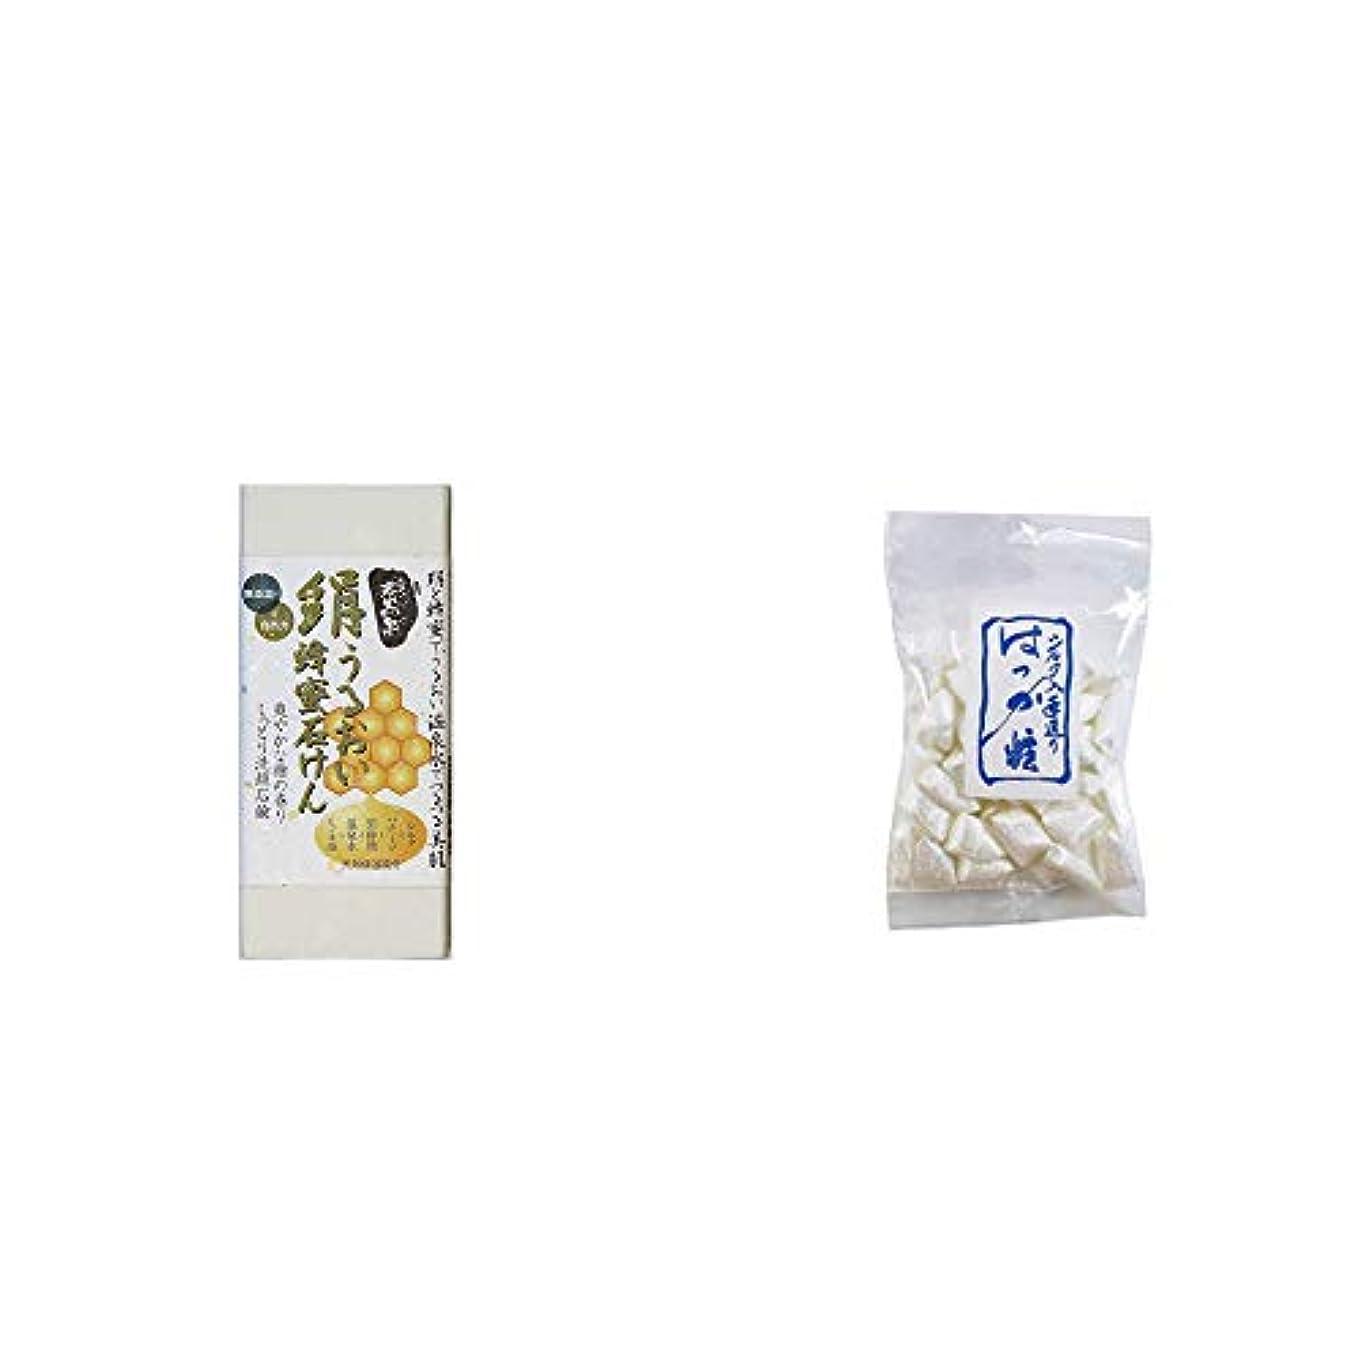 攻撃寝室憂慮すべき[2点セット] ひのき炭黒泉 絹うるおい蜂蜜石けん(75g×2)?シルクはっか糖(150g)